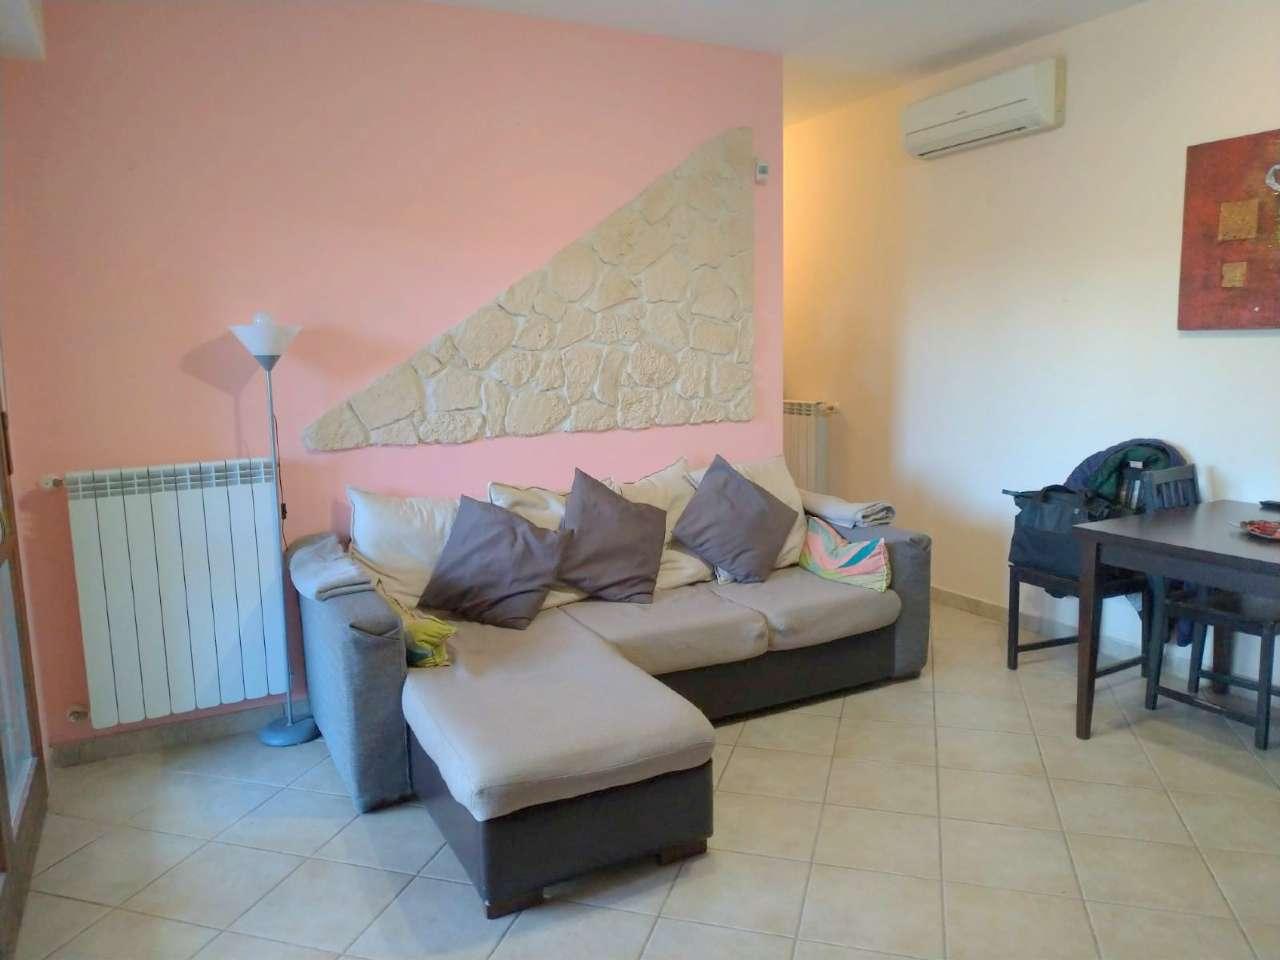 Appartamento in vendita a Pomezia, 2 locali, prezzo € 95.000 | CambioCasa.it